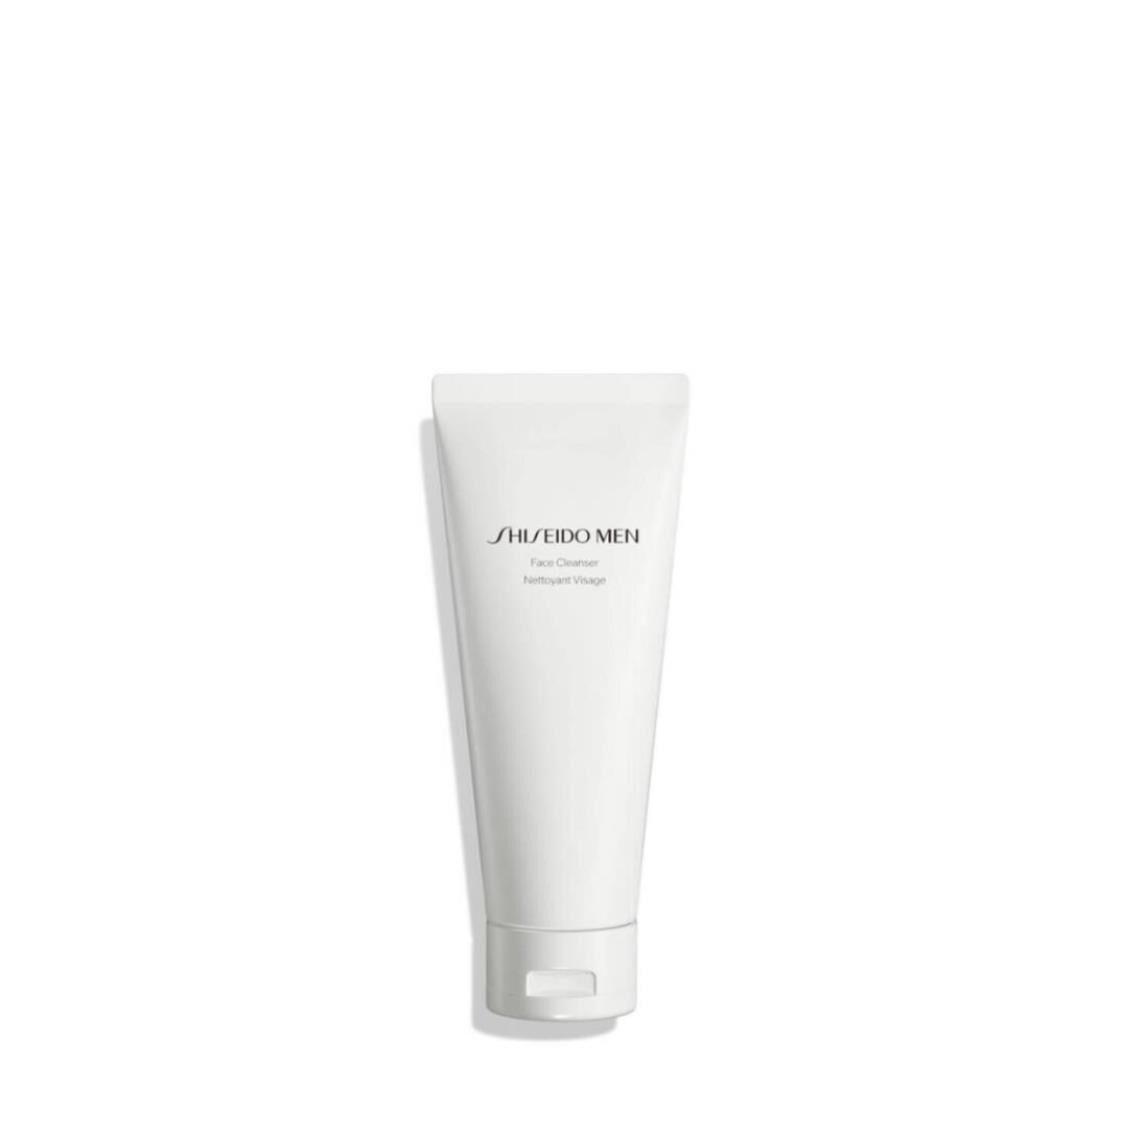 Shiseido Men Face Cleanser 125ml